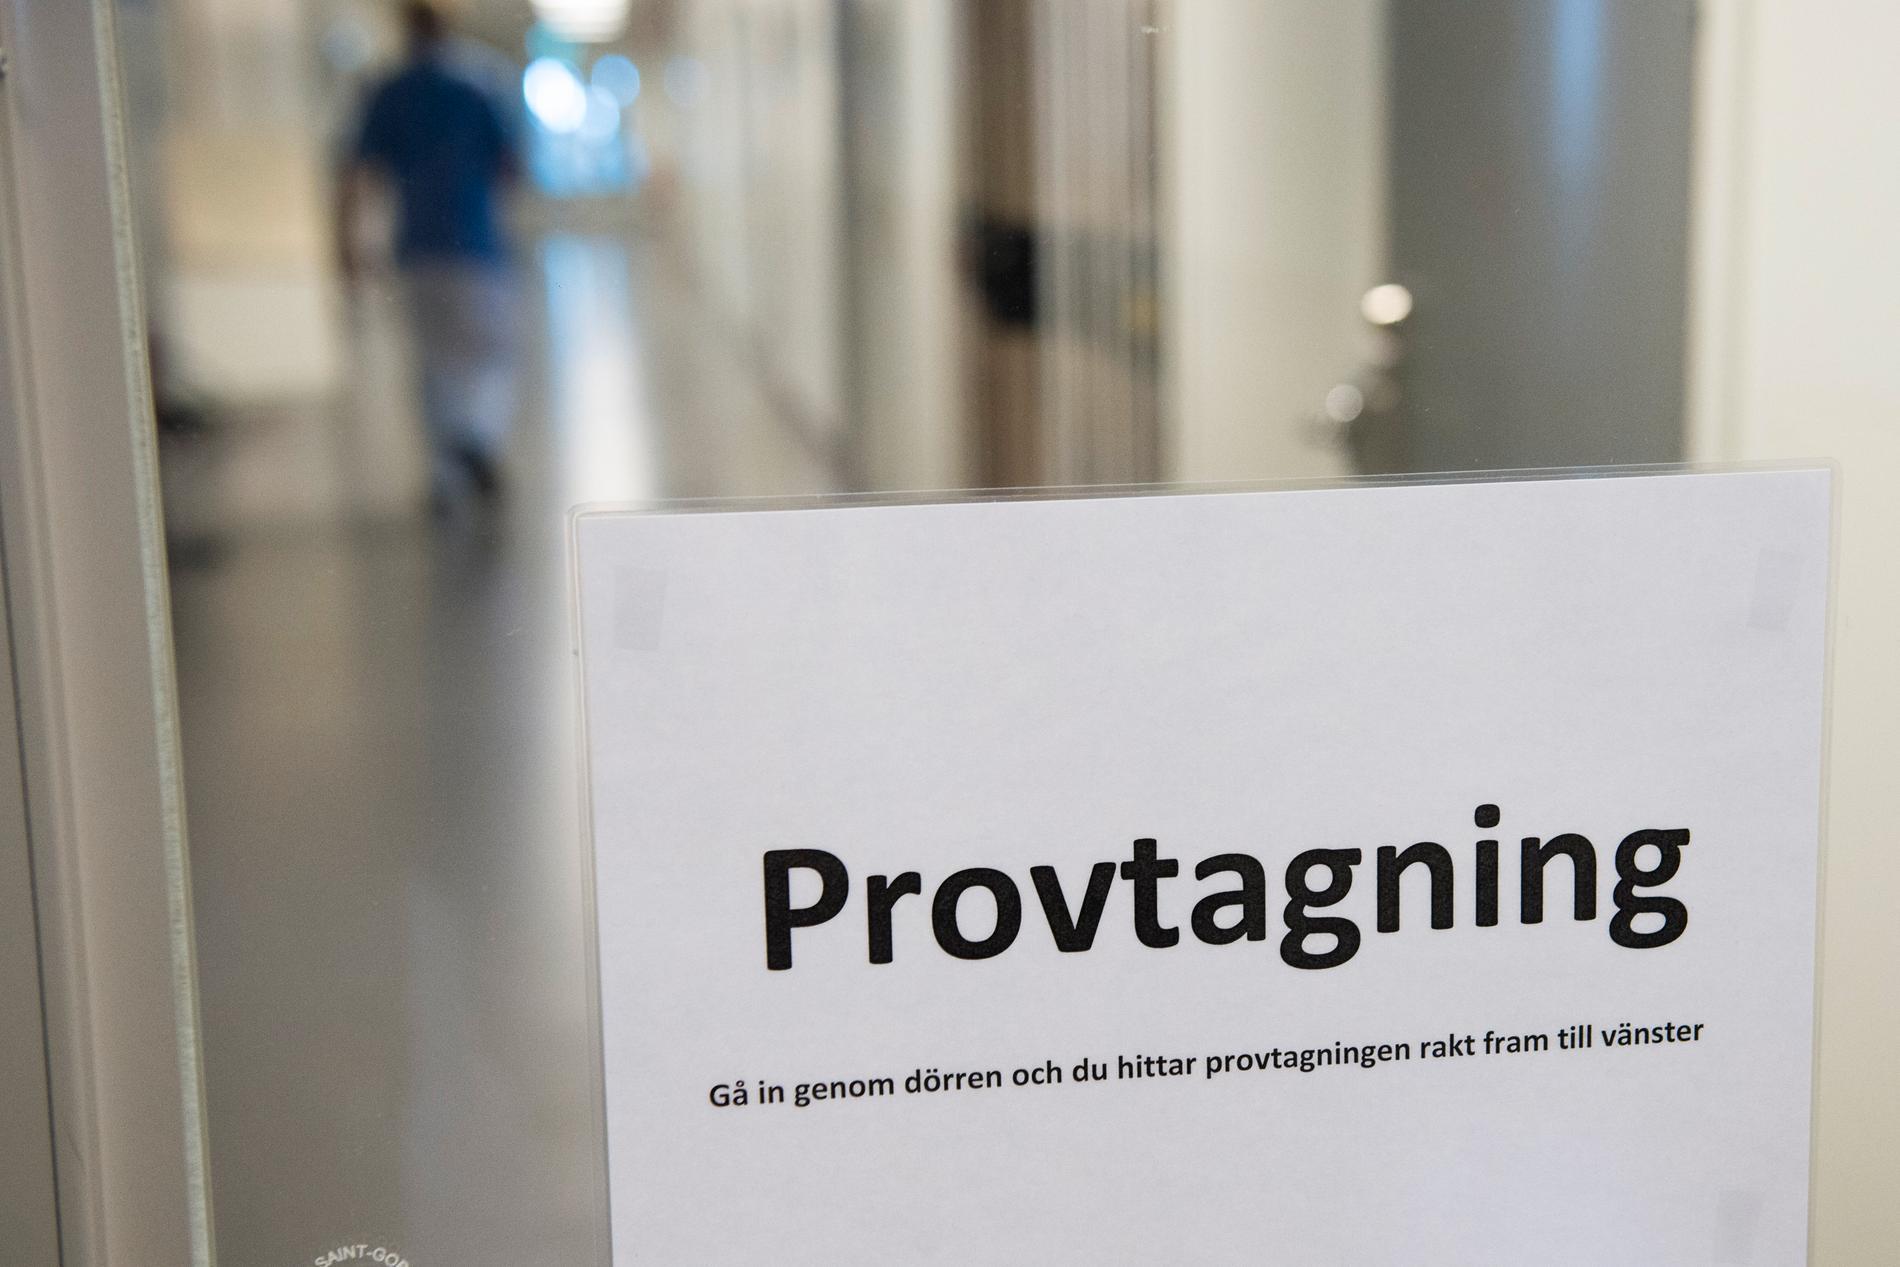 34 av de 827 patienter som har testats för tuberkulos i danska Ålborg var smittade. Arkivbild.